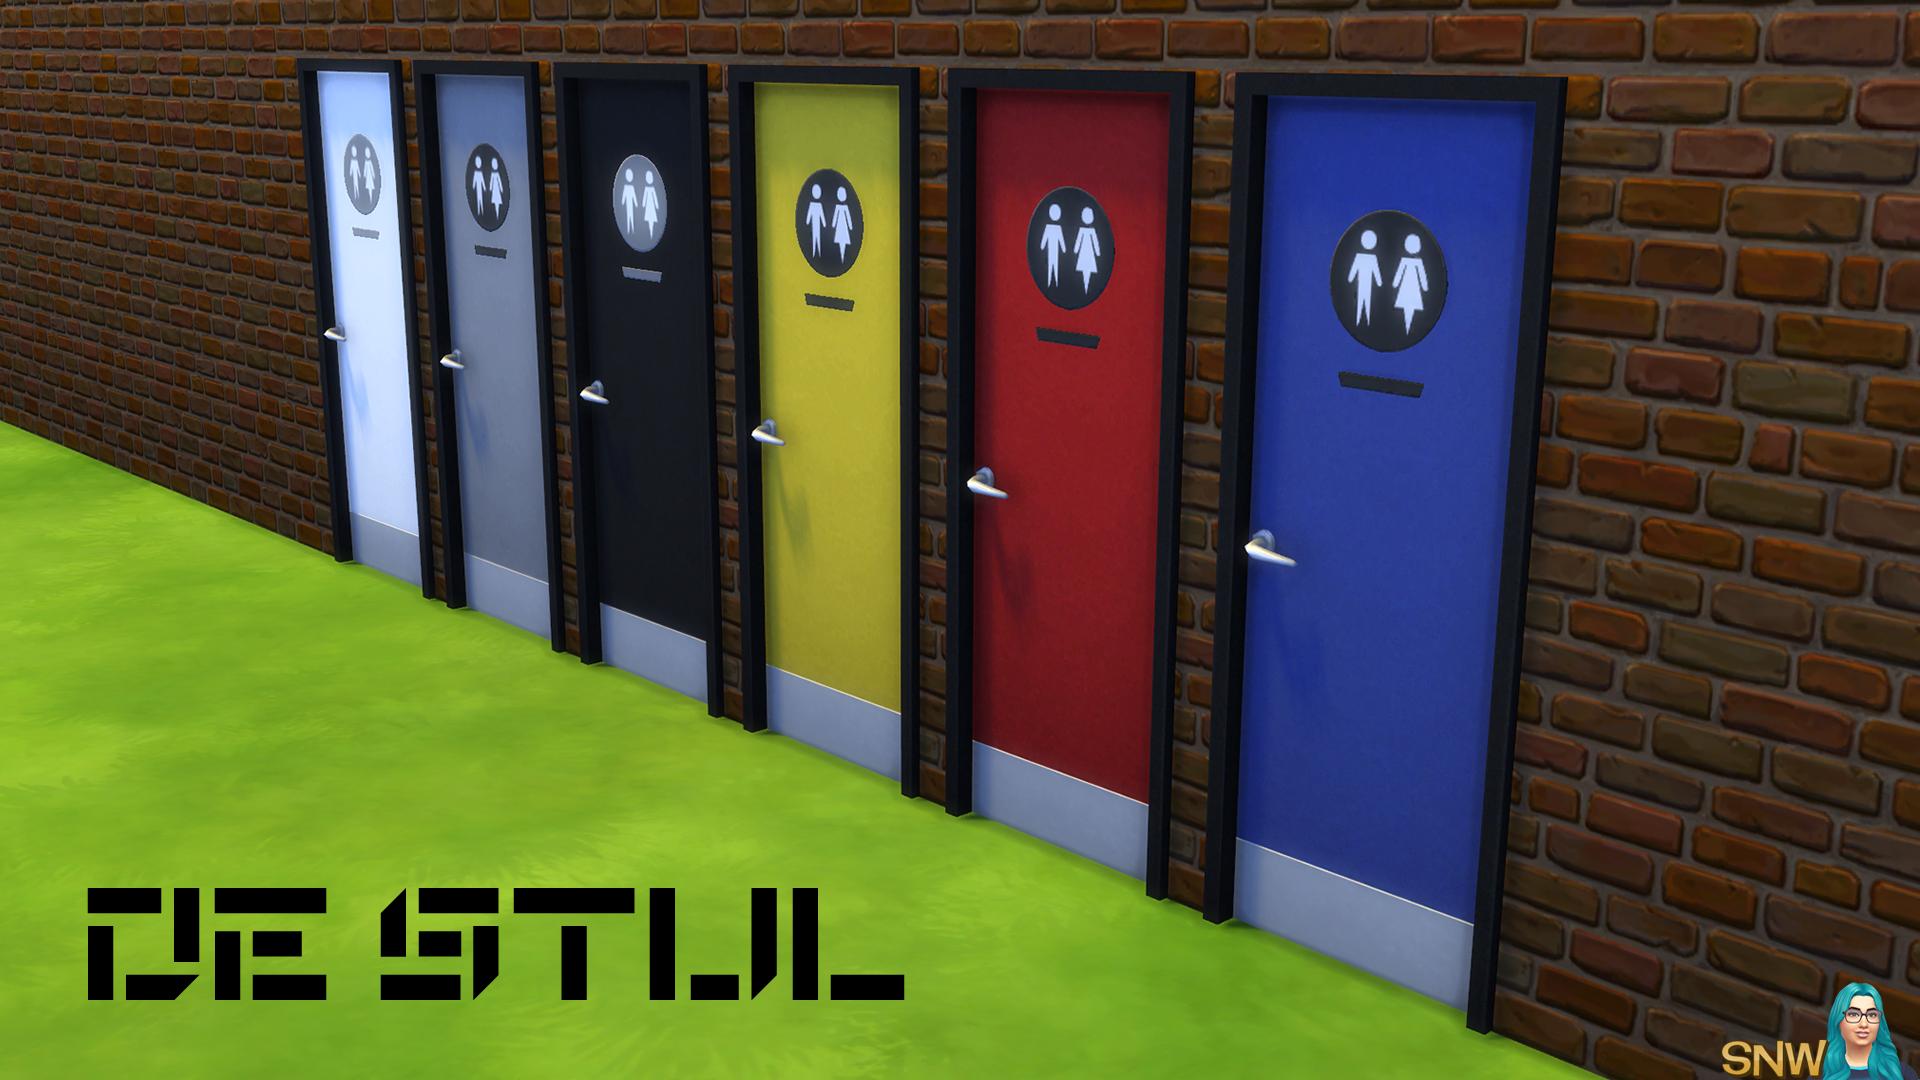 De Stijl Toilet Doors 9 Snw Simsnetwork Com